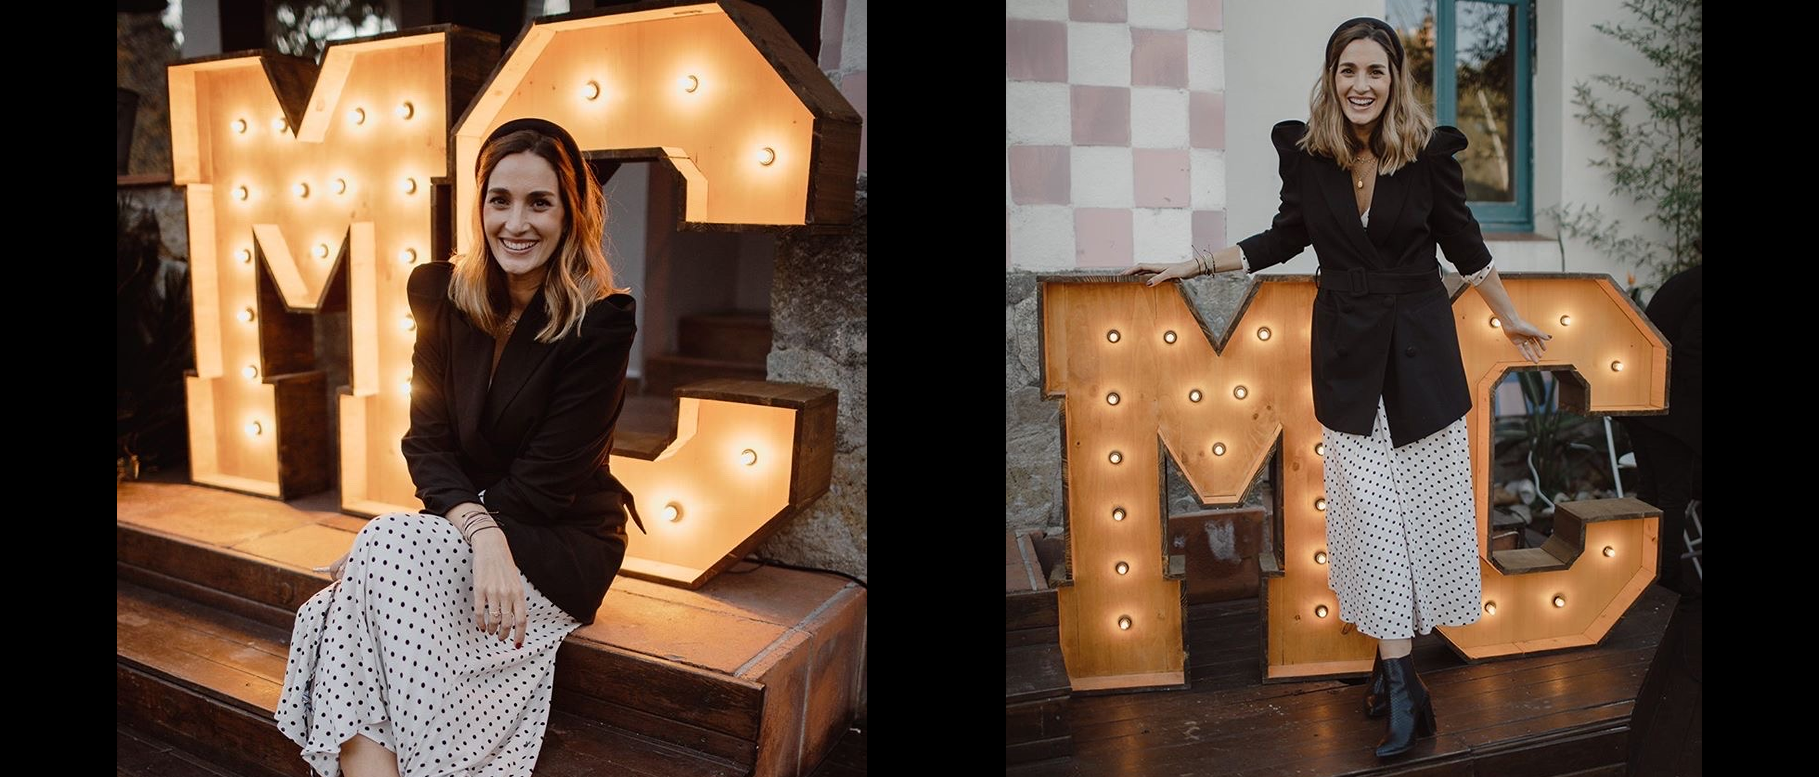 Alquiler letras Luminosas Barcelona BCNLETTERS para evento novias de Miss Cavallier